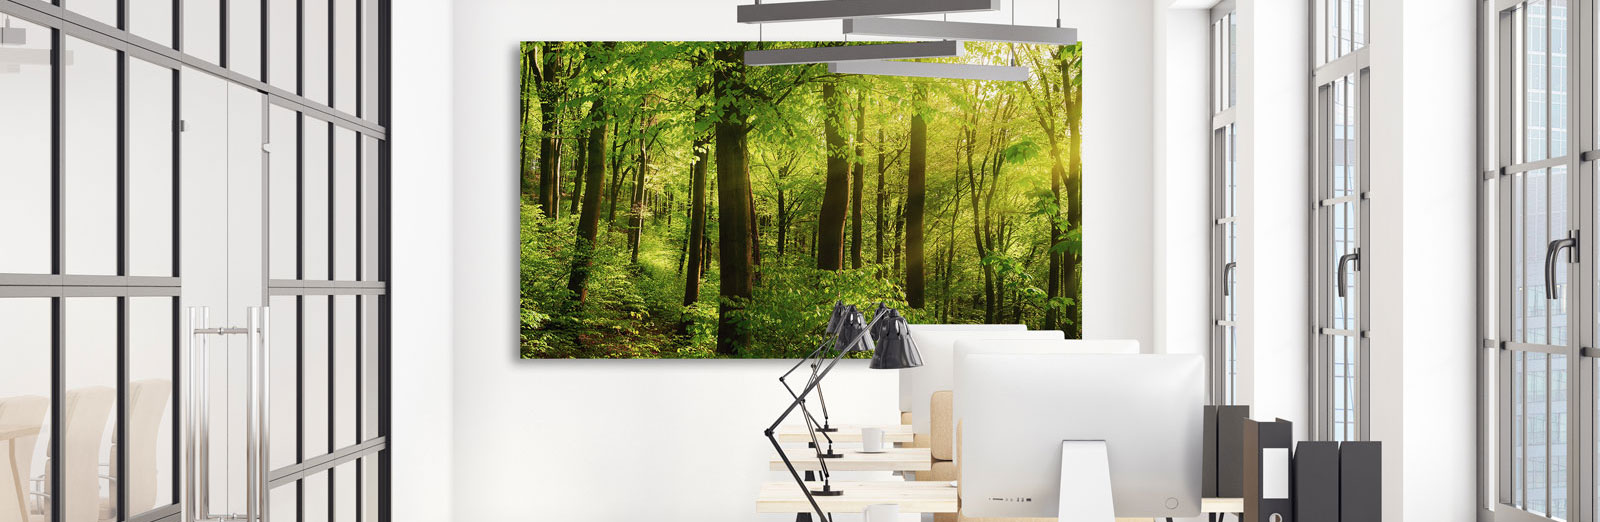 Akustikbilder bringen Ihnen mit wenig Aufwand eine gute Raumakustik im Büro